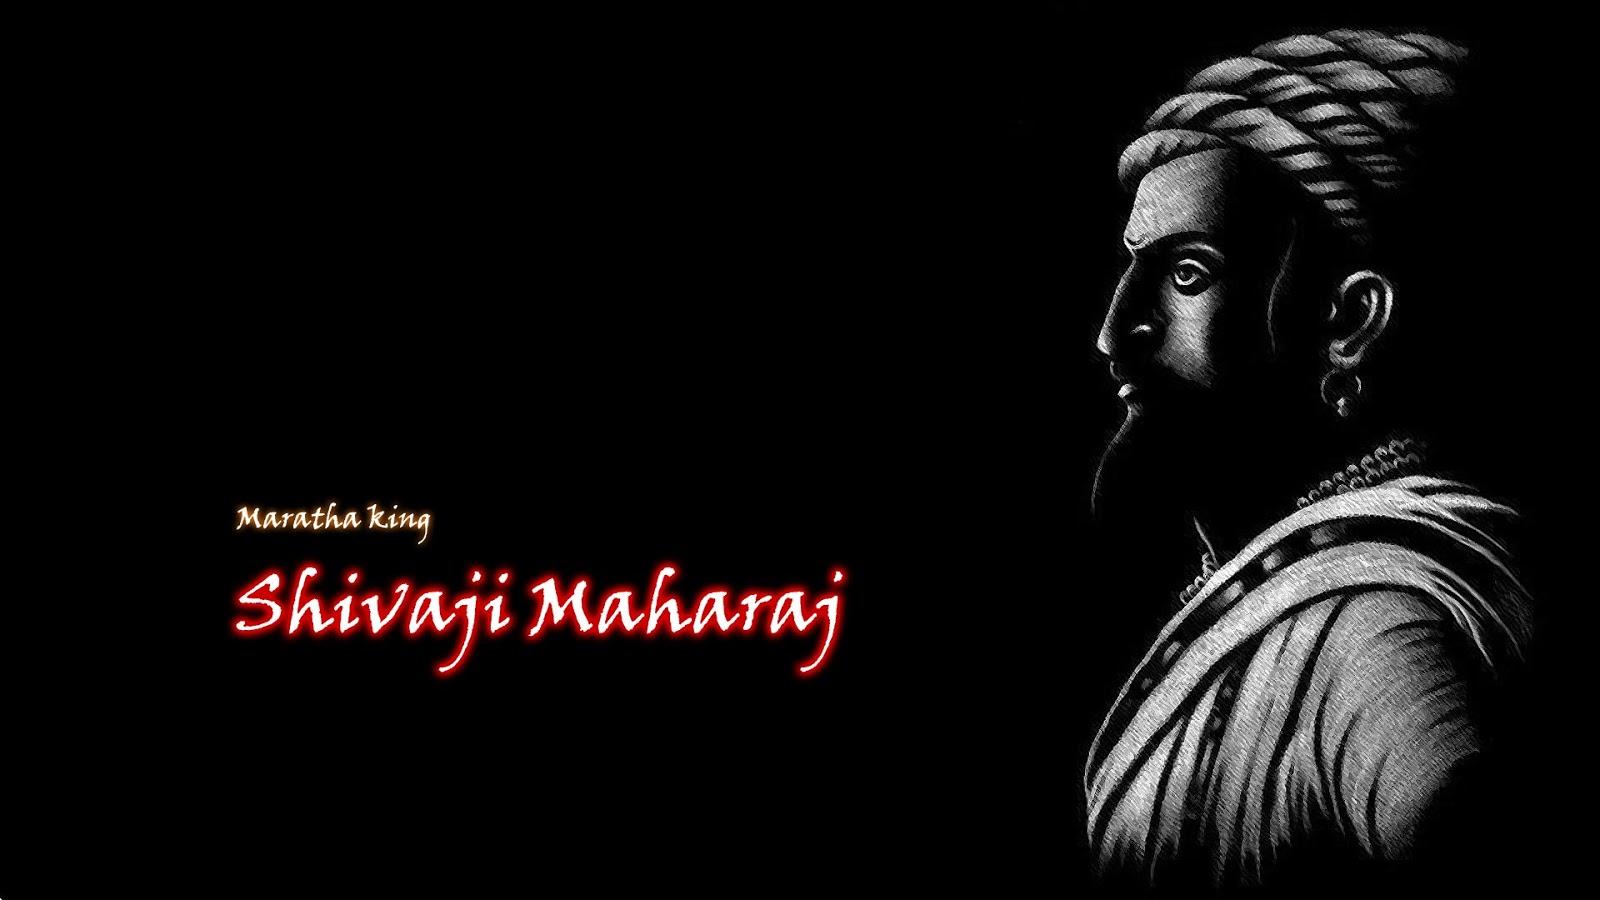 Hq 3d Wallpapers Free Download Wallpaper Shivaji Maharaj Hd Wallpaper